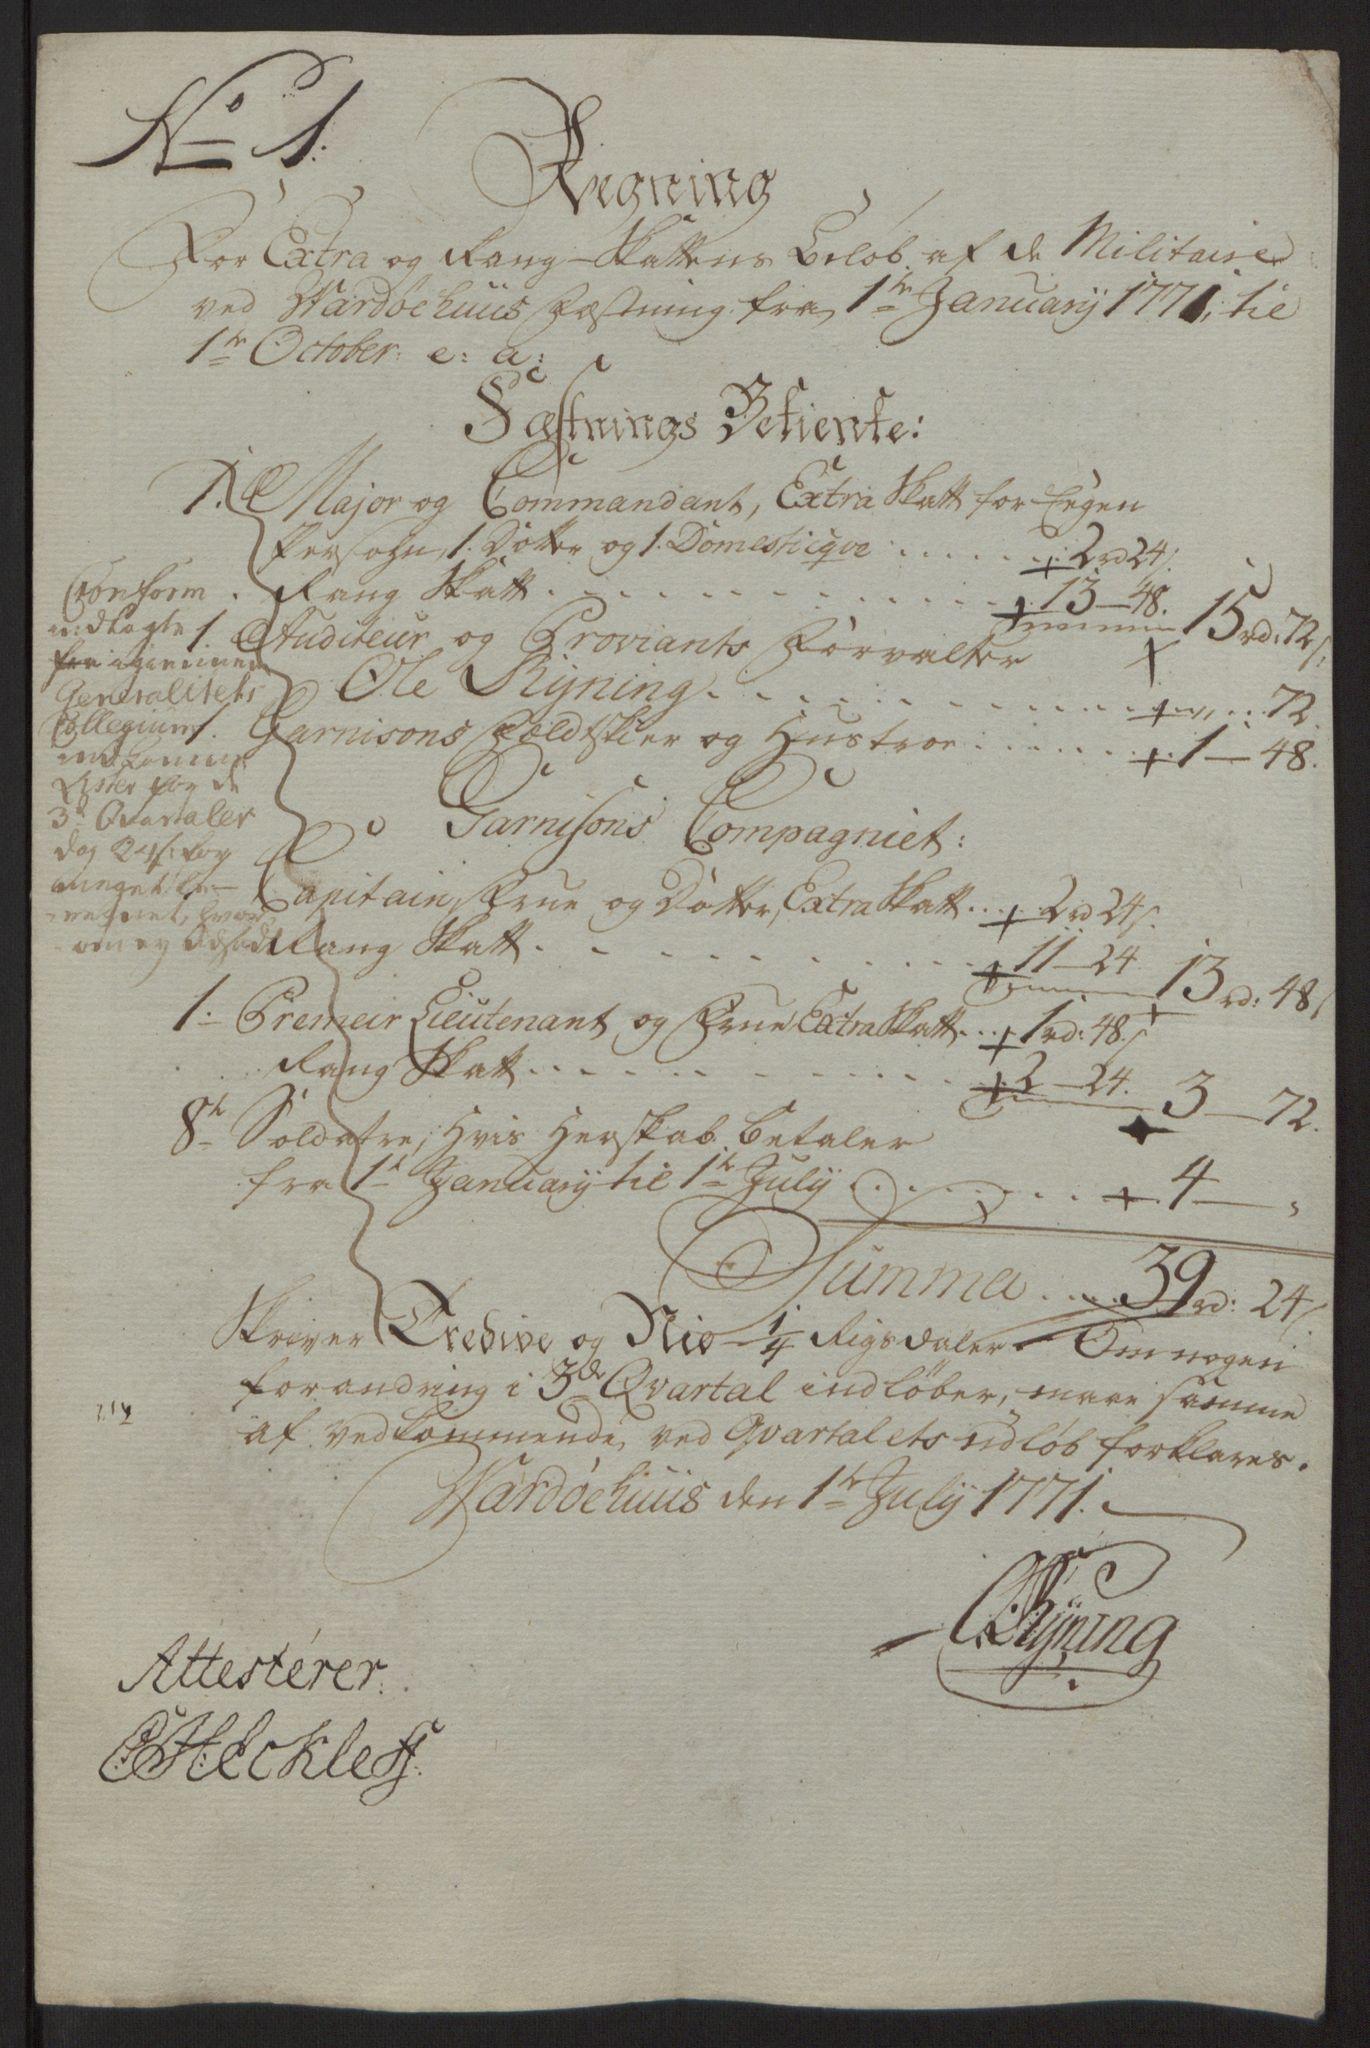 RA, Rentekammeret inntil 1814, Reviderte regnskaper, Fogderegnskap, R69/L4910: Ekstraskatten  Finnmark/Vardøhus, 1762-1772, s. 425